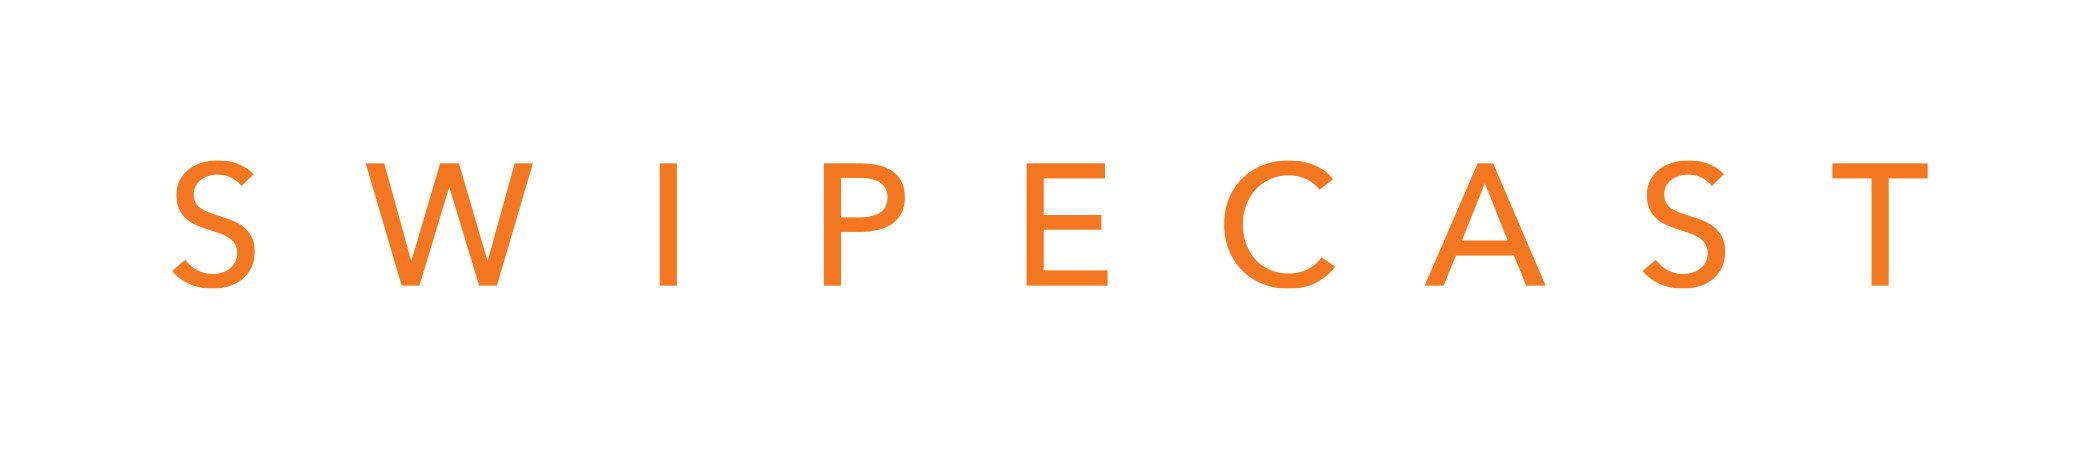 Swipecast, Inc.